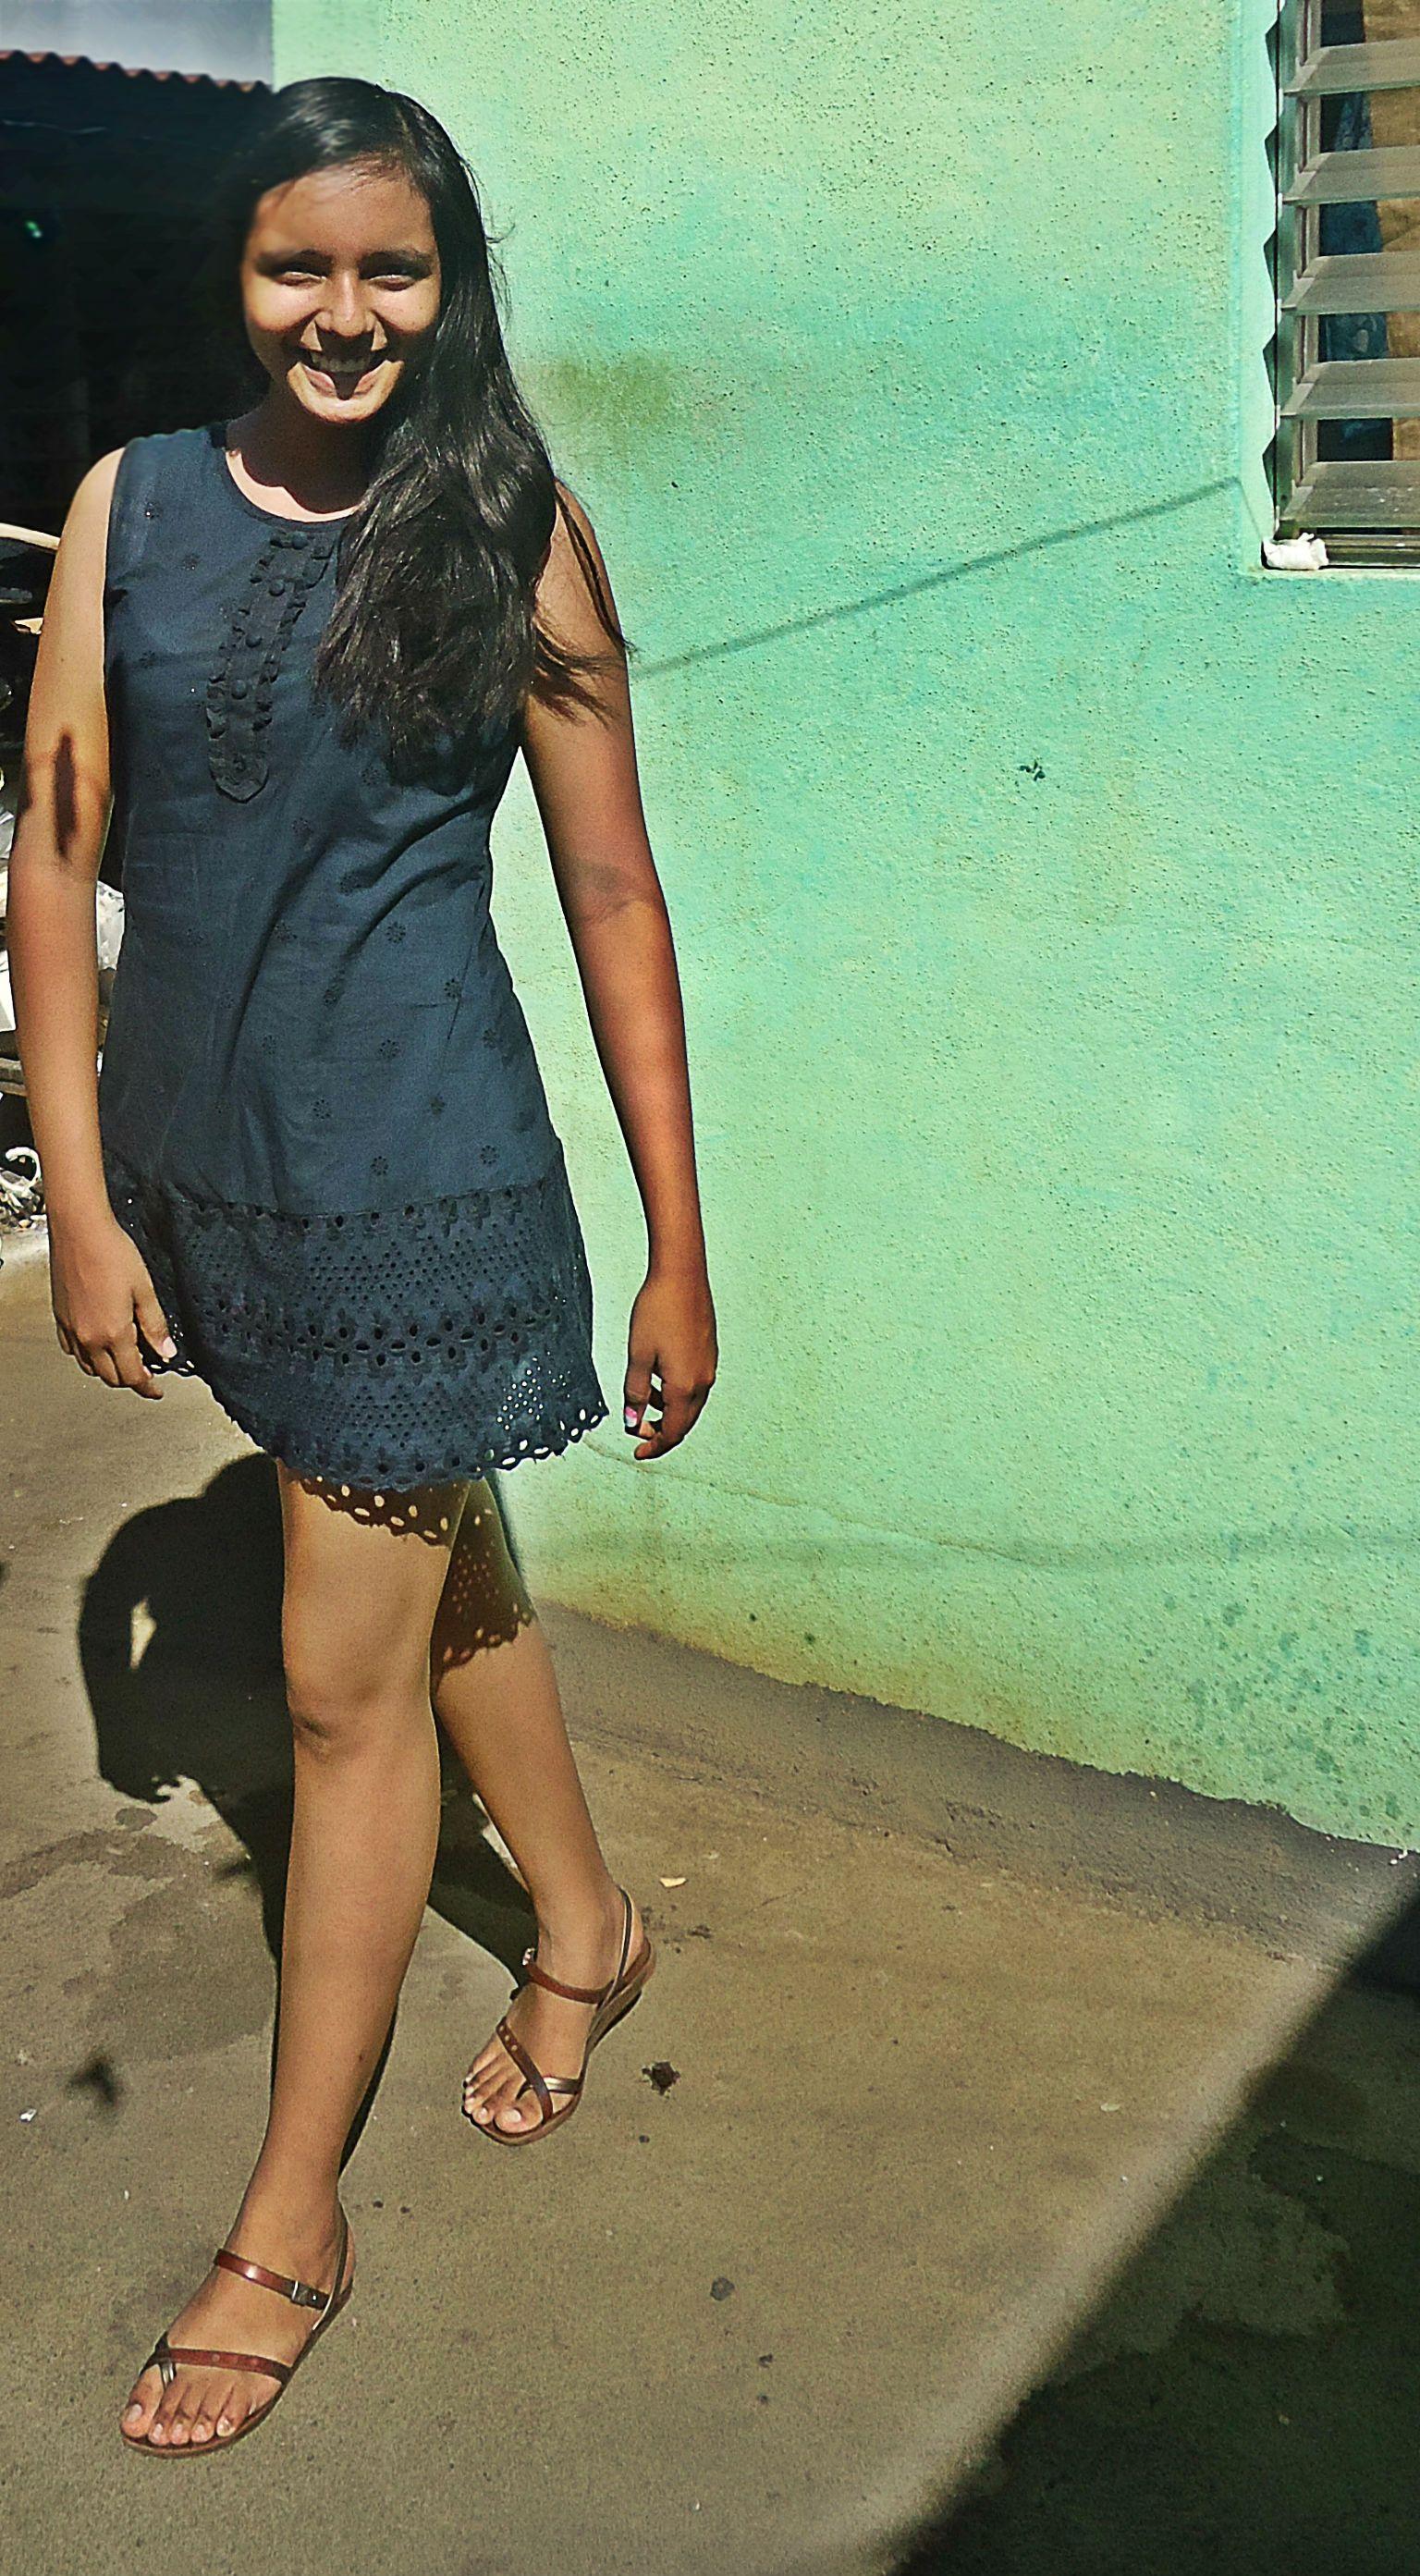 Un vestido corto color azul mate con encajes es perfecto para utilizar accesorios de colores intensos llenos de vida stylesbeautifulsoul.wordpress.com